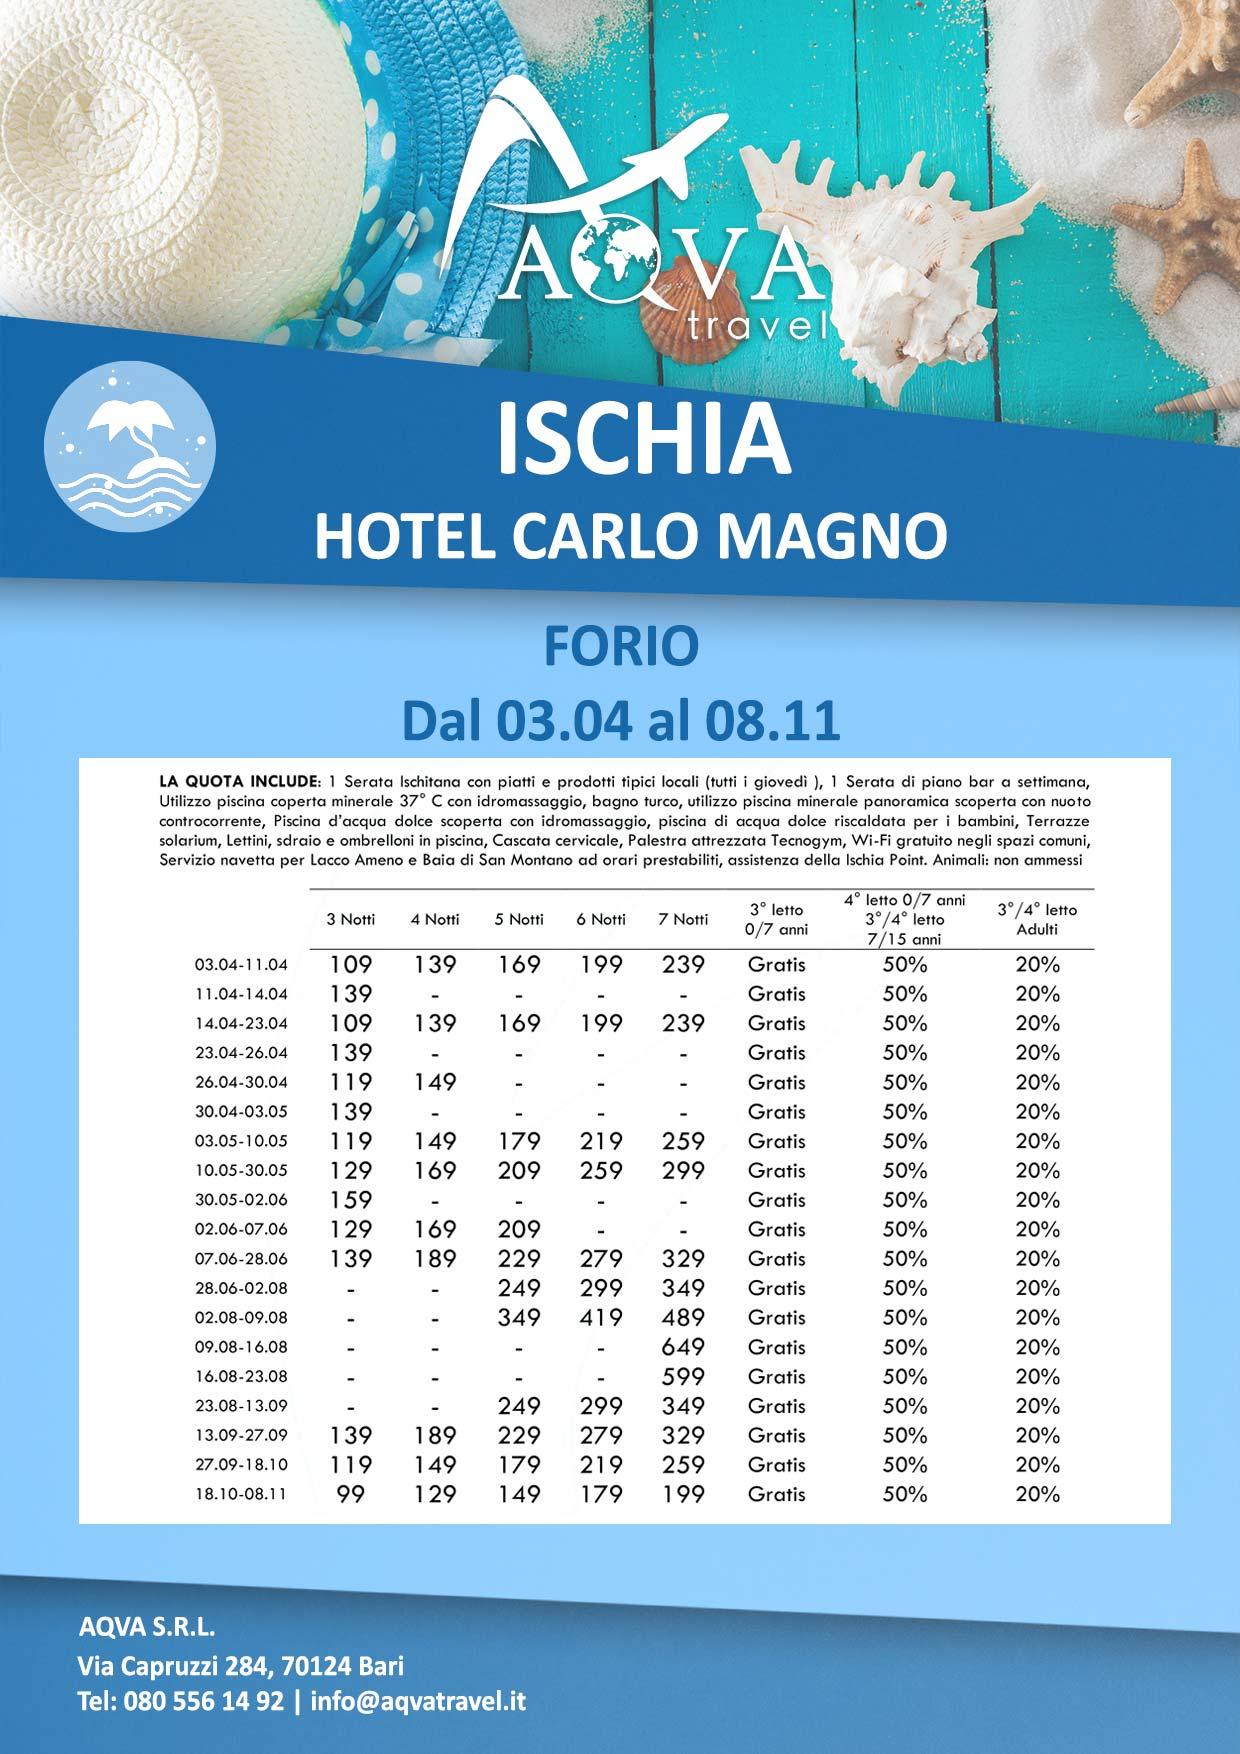 Ischia-HOTEL-CARLO-MAGNO-4-FORIO-Mare-offerte-agenzia-di-viaggi-Bari-AQVATRAVEL-it